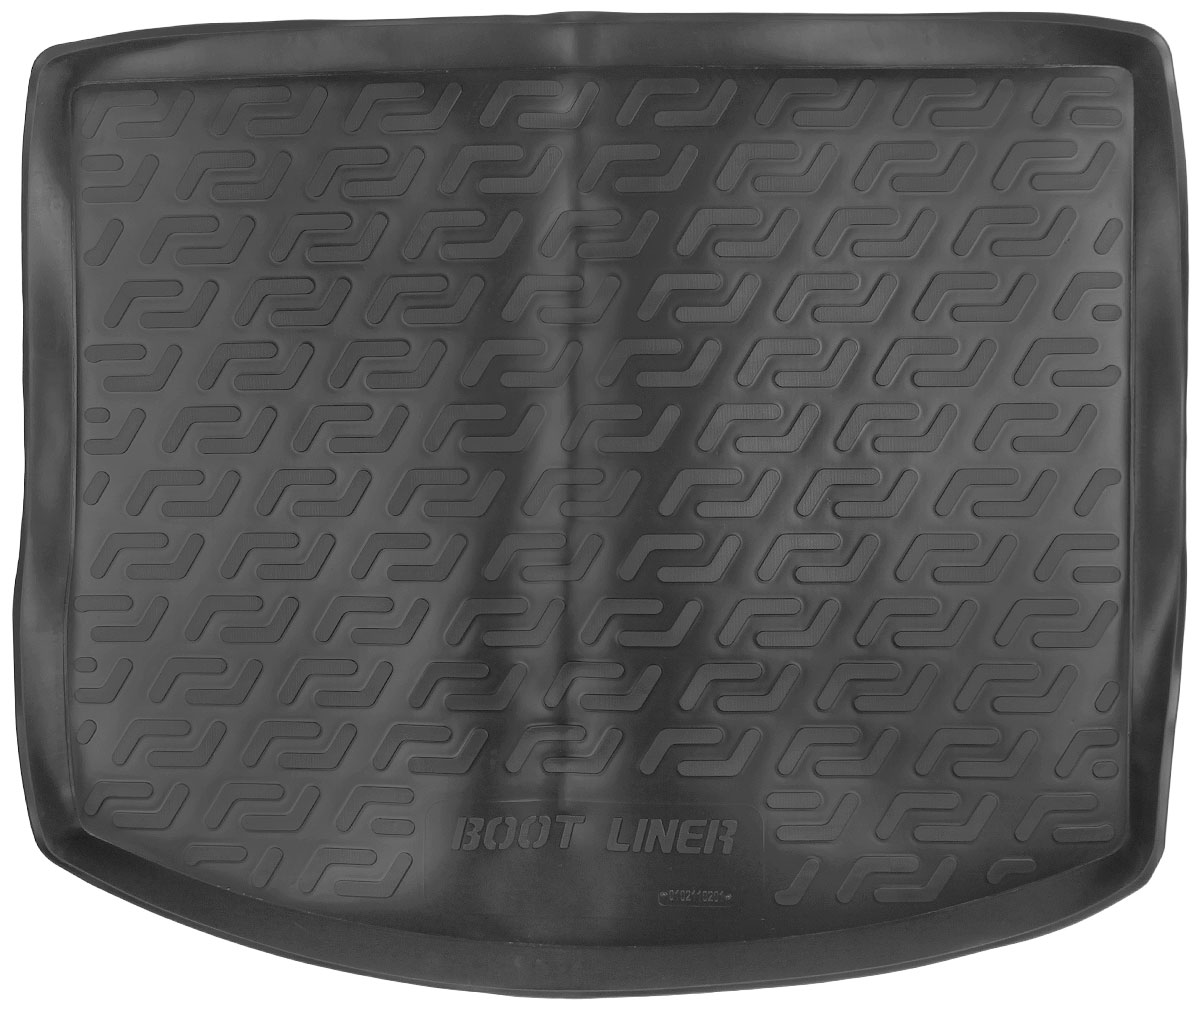 Коврик автомобильный L.Locker Ford Kuga (2) 2012, в багажникВетерок 2ГФКоврик L.Locker Ford Kuga (2) 2012, изготовленный из полиуретана, производятся индивидуально для каждой модели автомобиля. Изделие точно повторяет геометрию пола автомобиля, имеет высокий борт, обладает повышенной износоустойчивостью, лишен резкого запаха и сохраняет свои потребительские свойства в широком диапазоне температур от -50°С до +80°С.